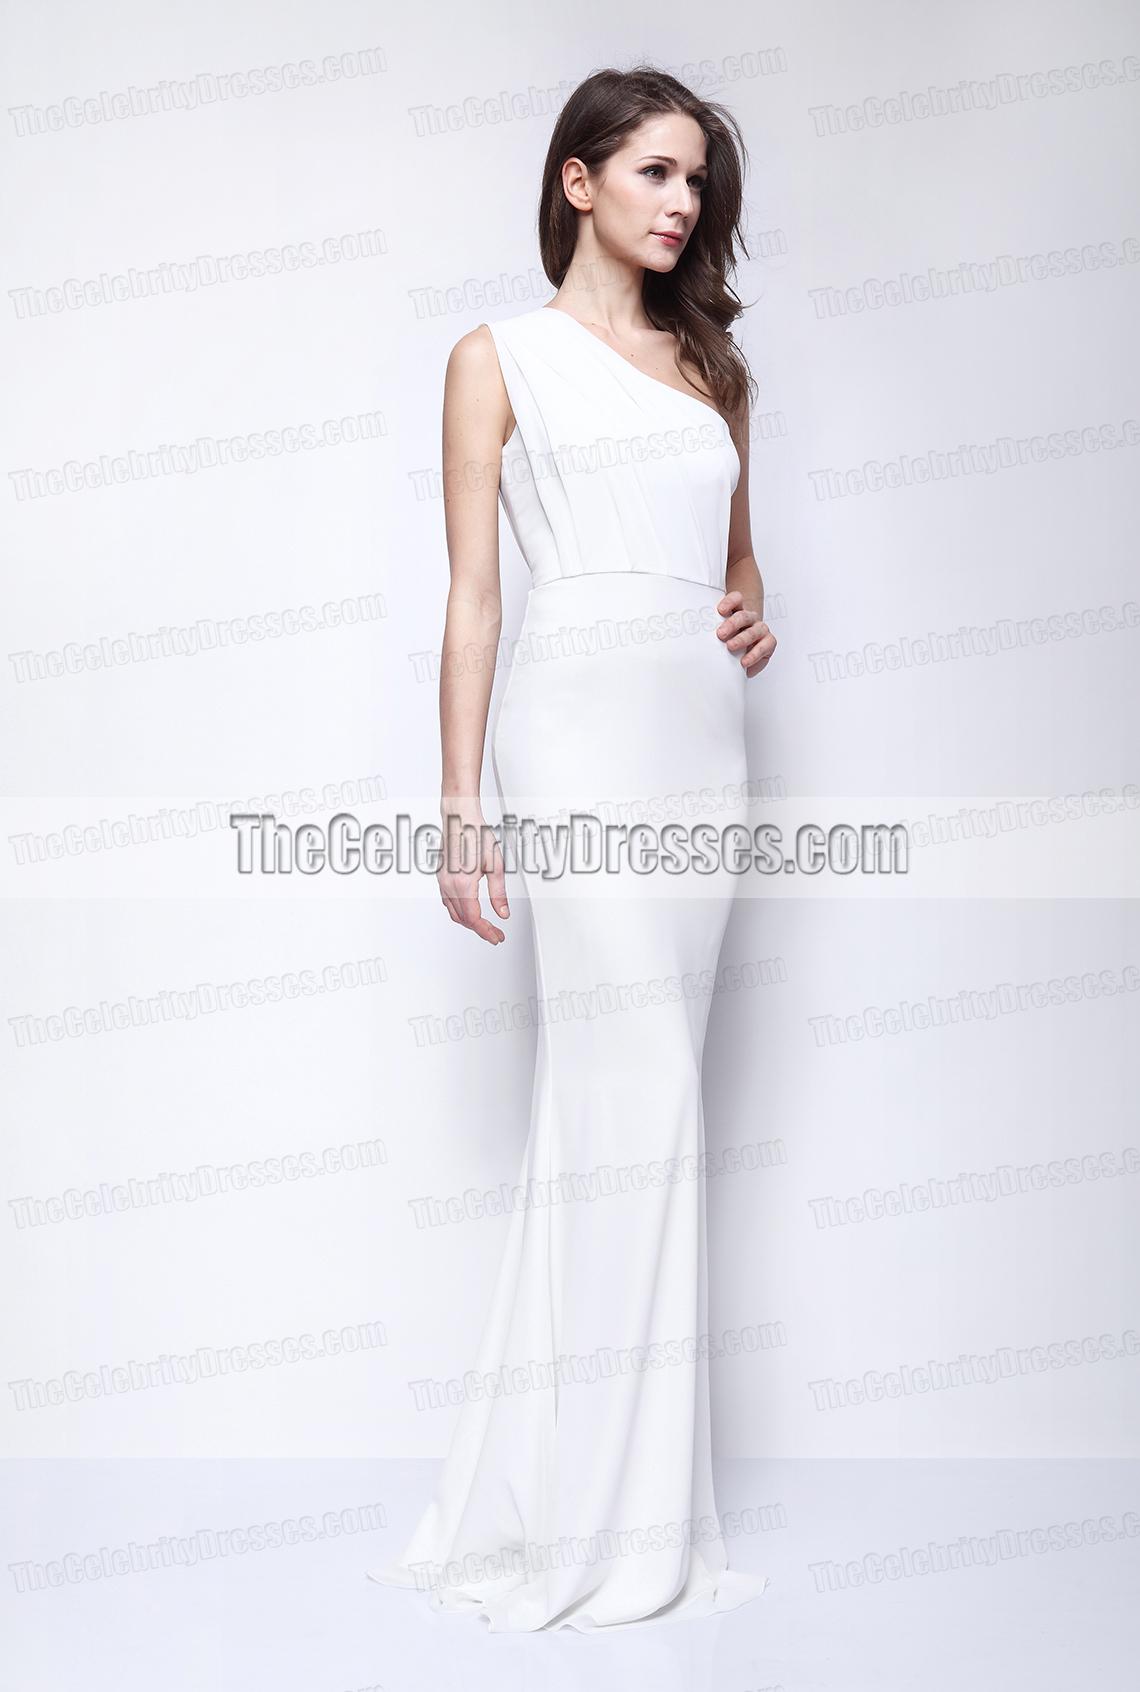 Kate Beckinsale weißes Schulter-Abschlussball-Kleid-Abend-Kleid ...